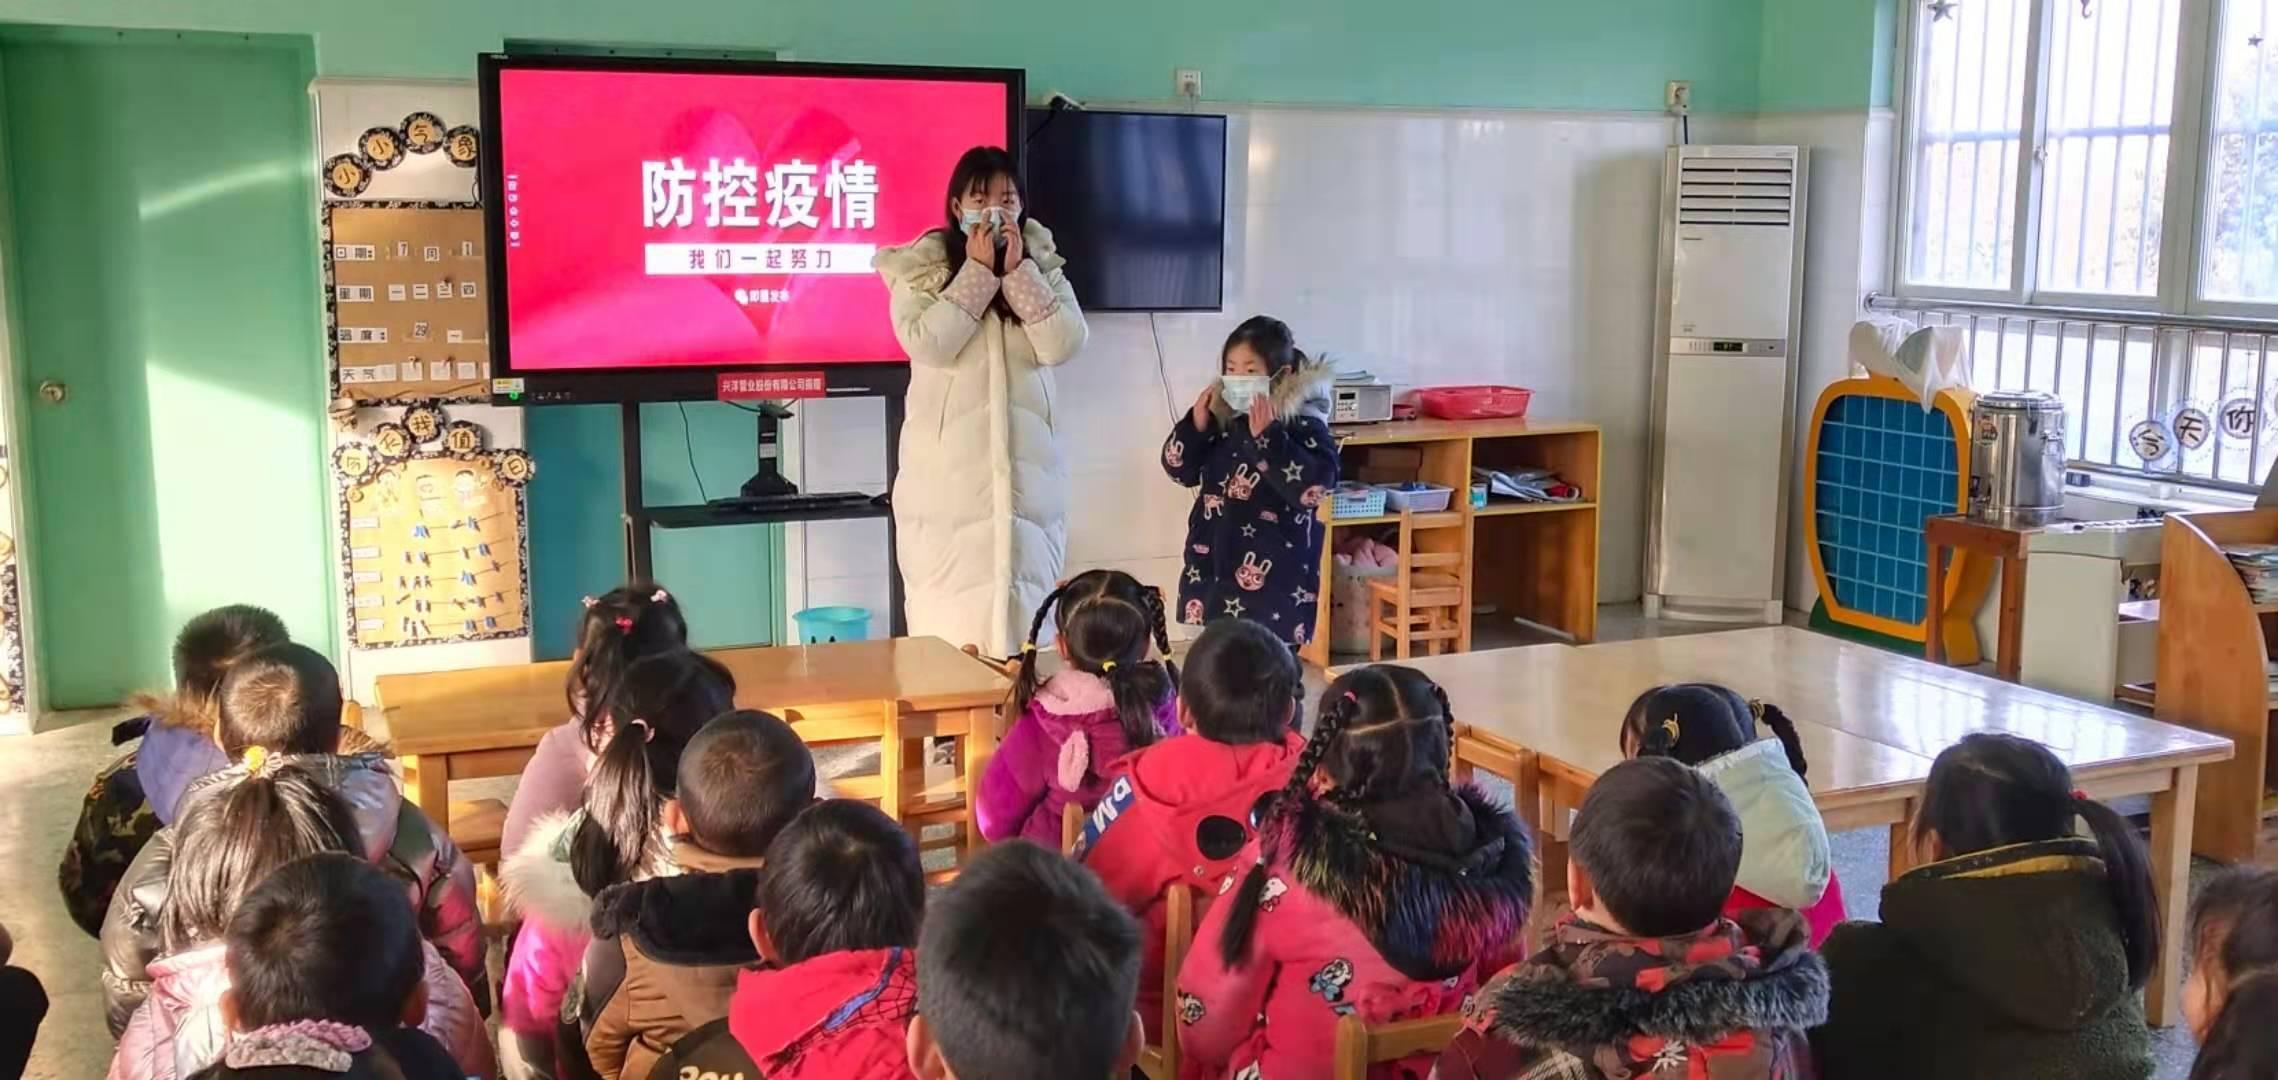 光阳湖镇中心幼儿园:我们在为疫情防控而行动